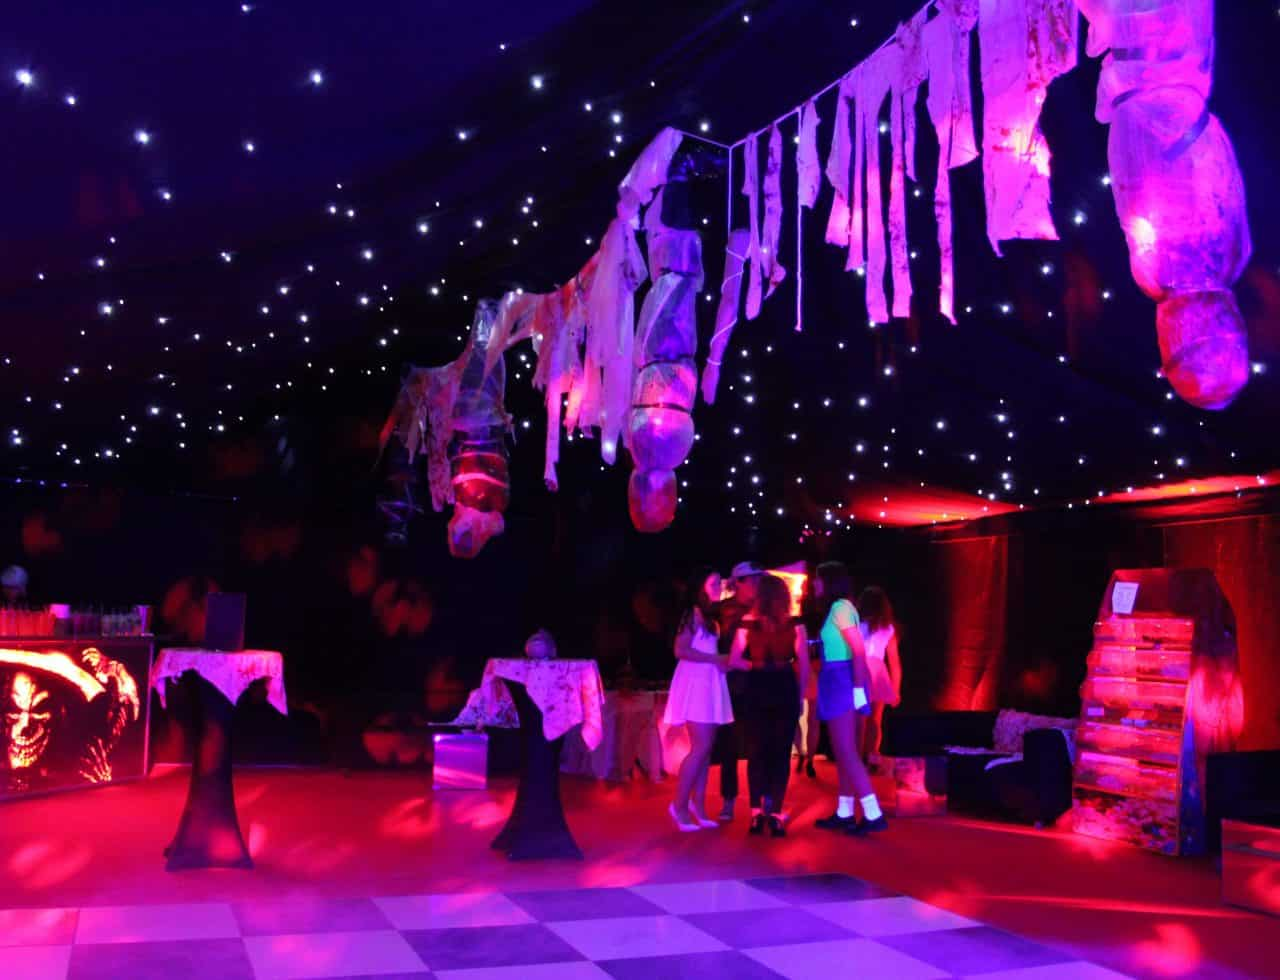 American Horror Story Halloween party dance floor design.